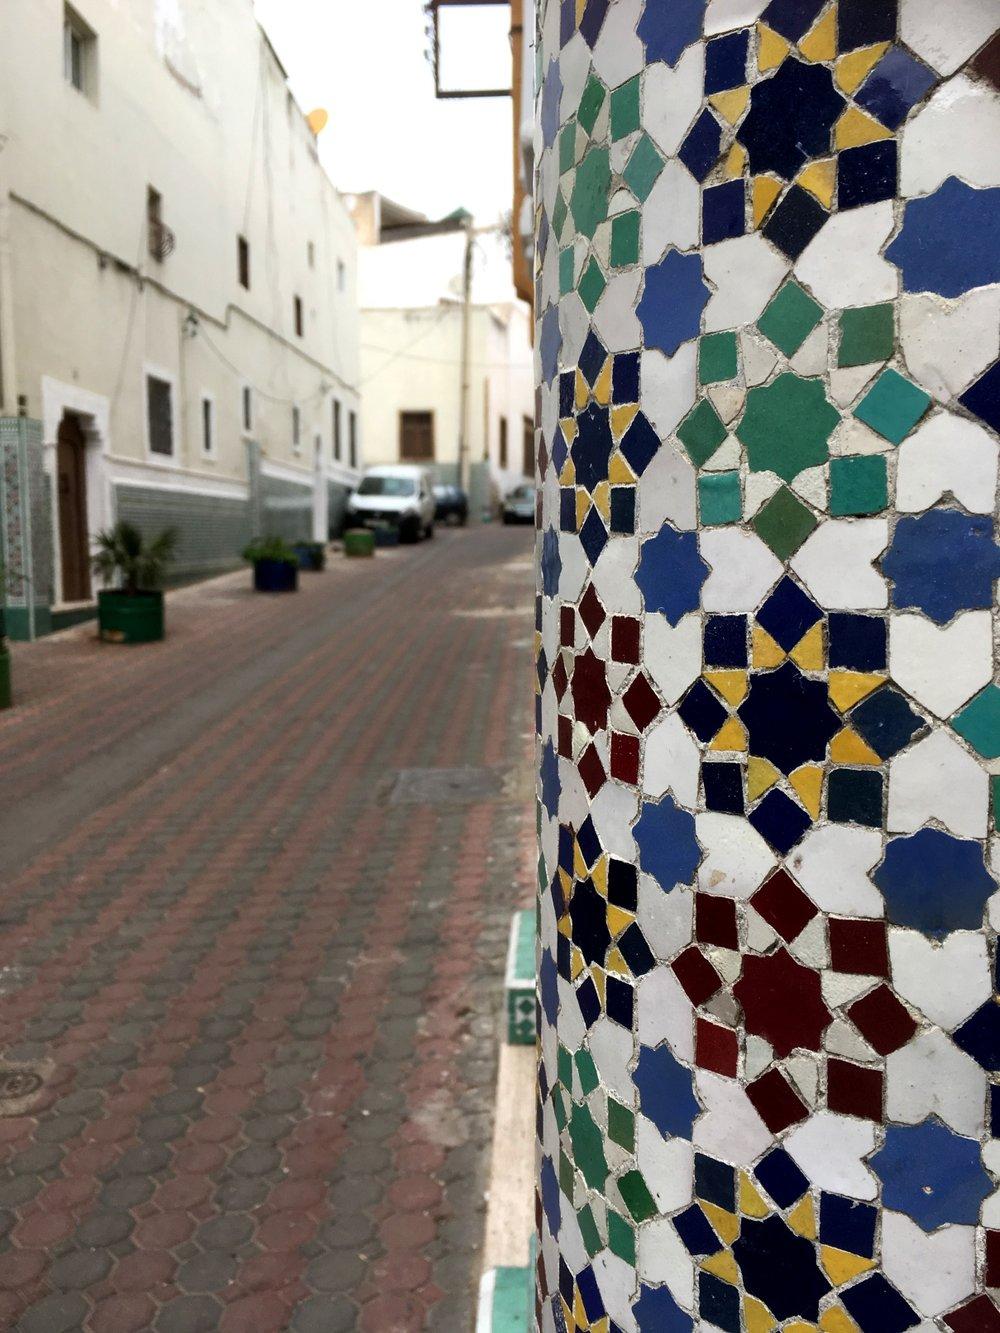 MoroccoTiles3.jpg